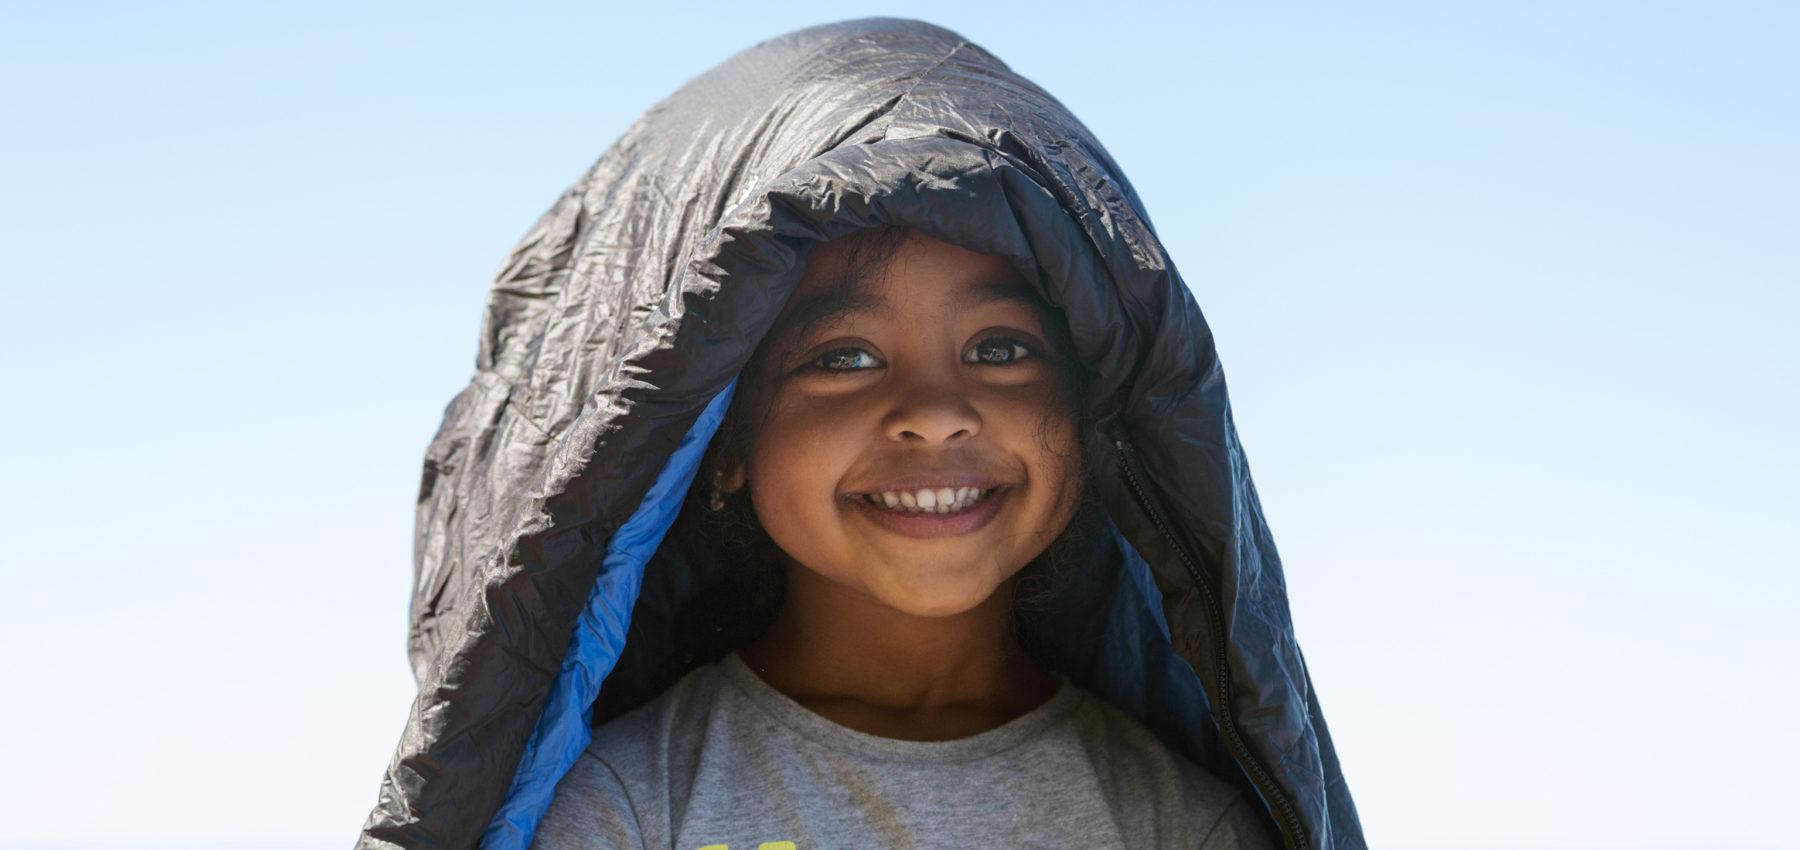 Barn smiler og ser inn i kameraet, på hodet har hun en sovepose.